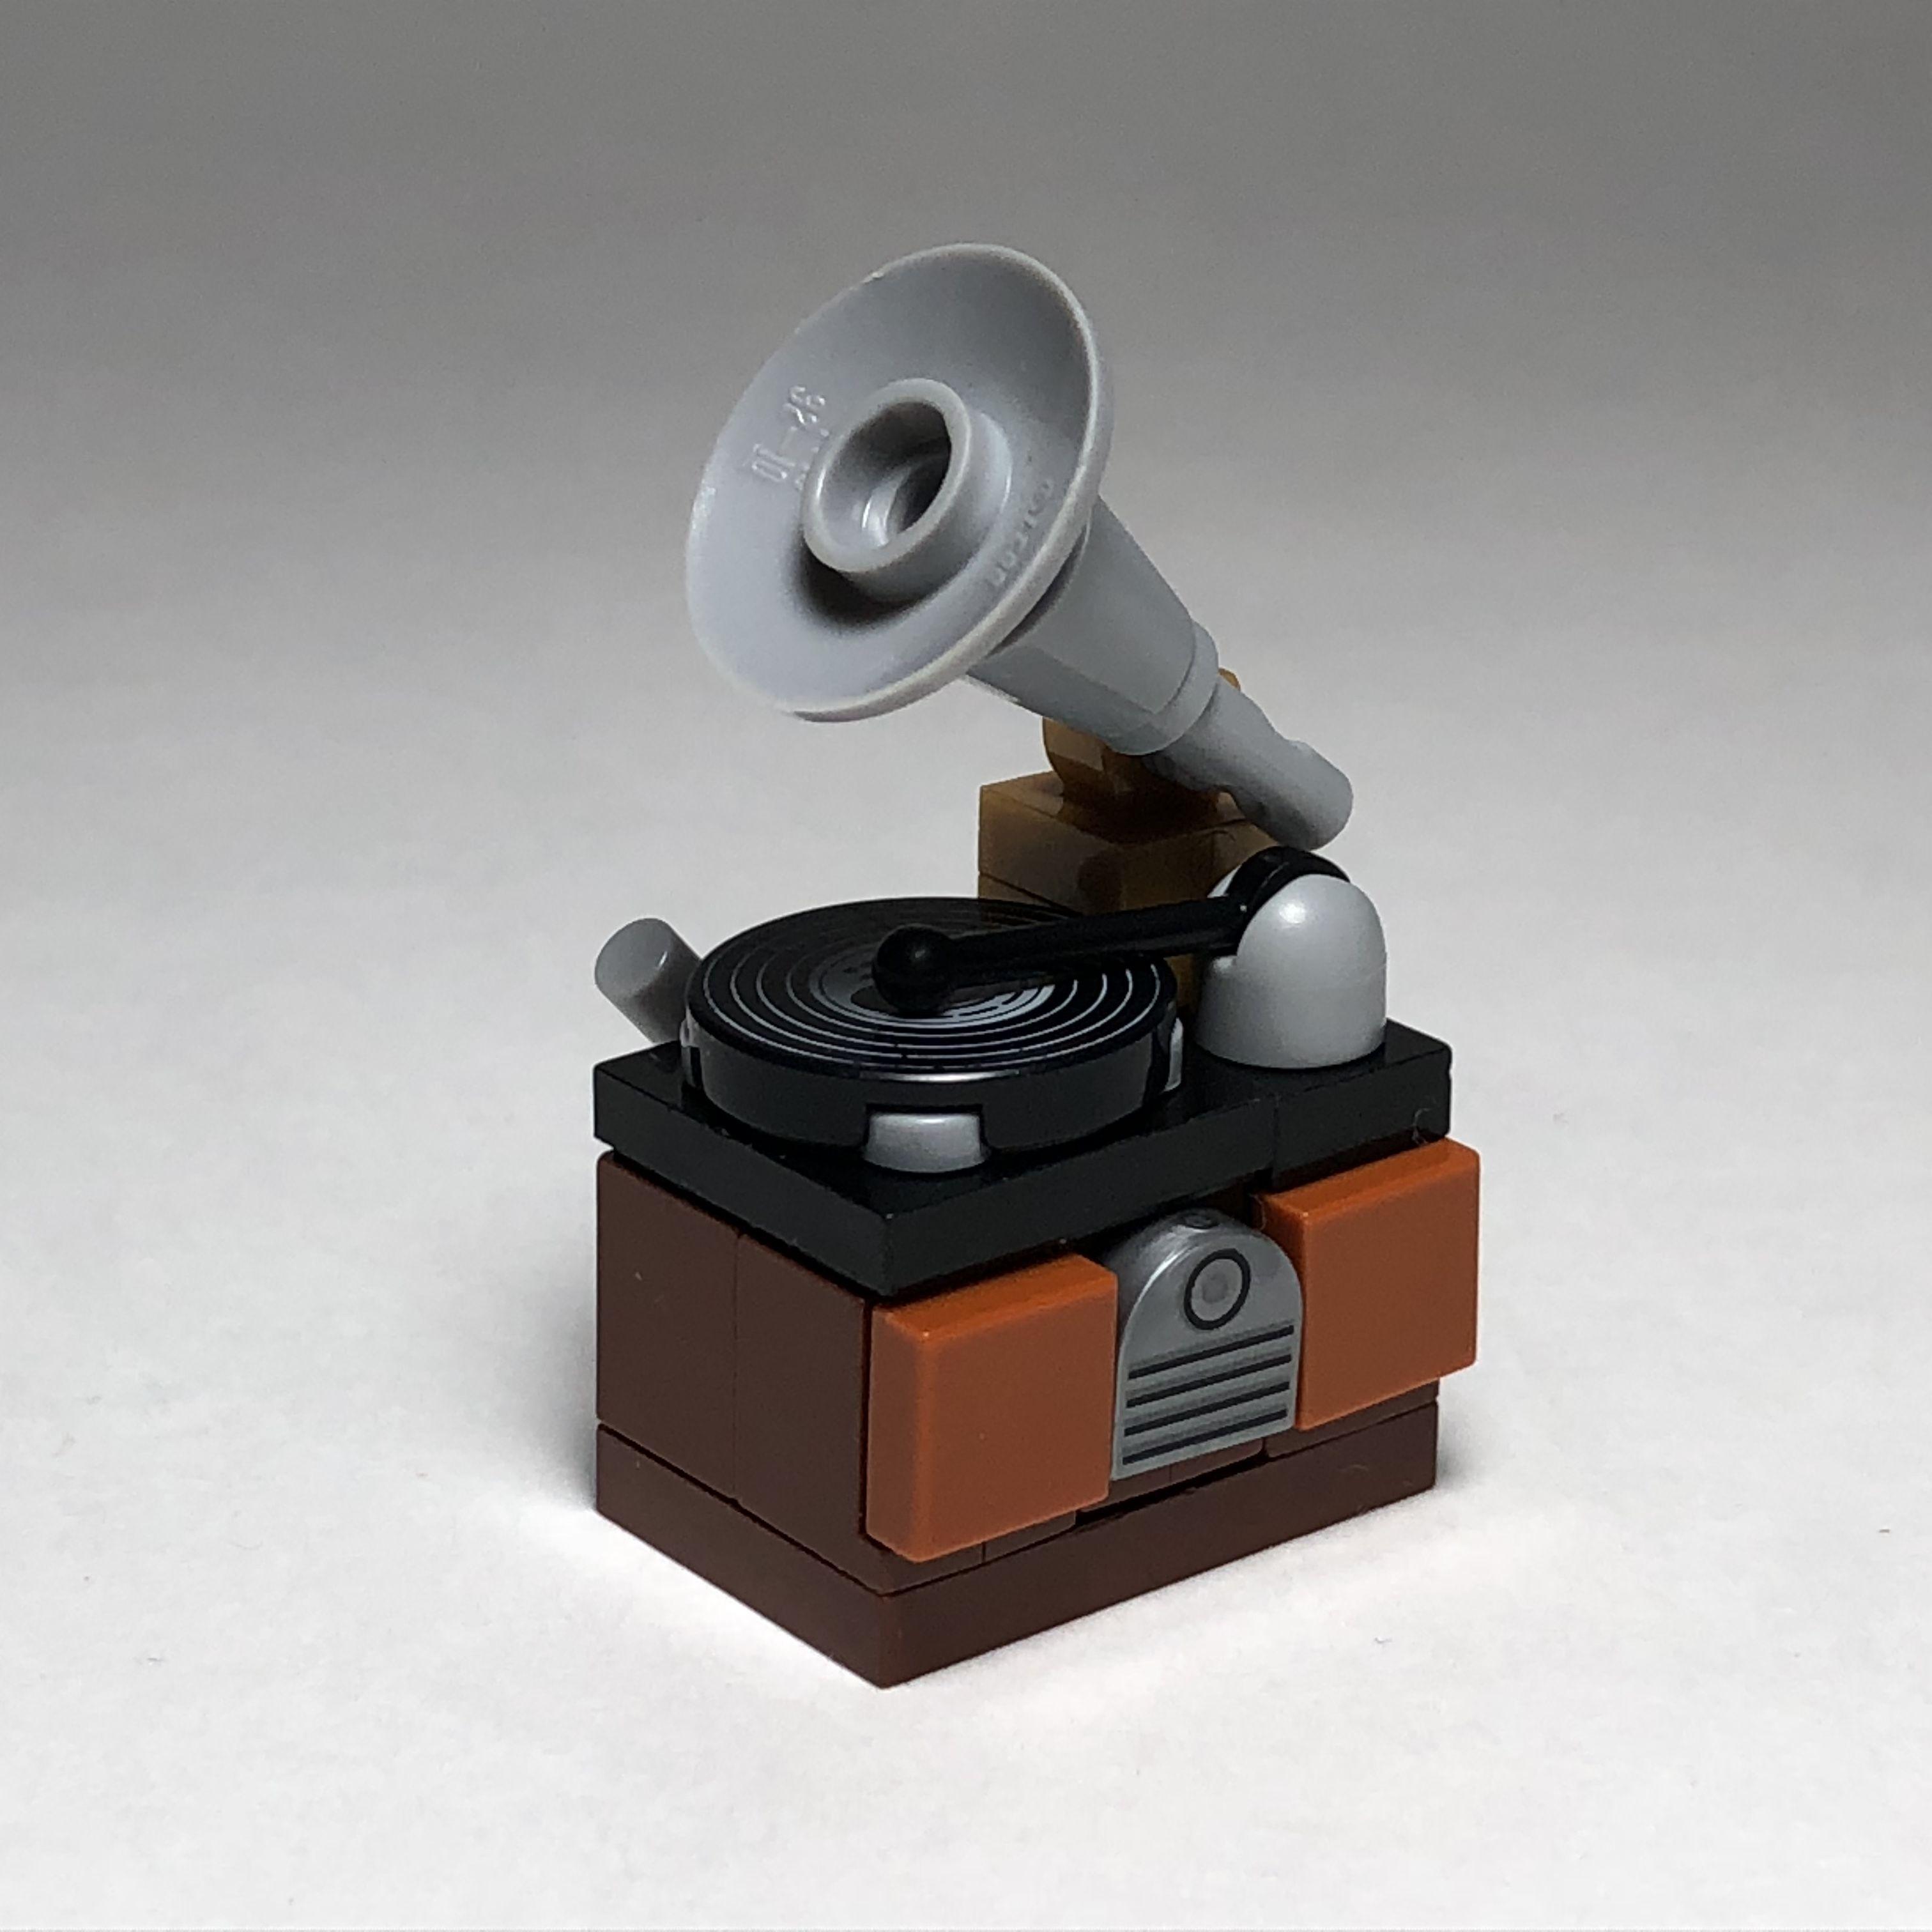 Lego Antique Gramophonerecord Player Lego Projects Lego